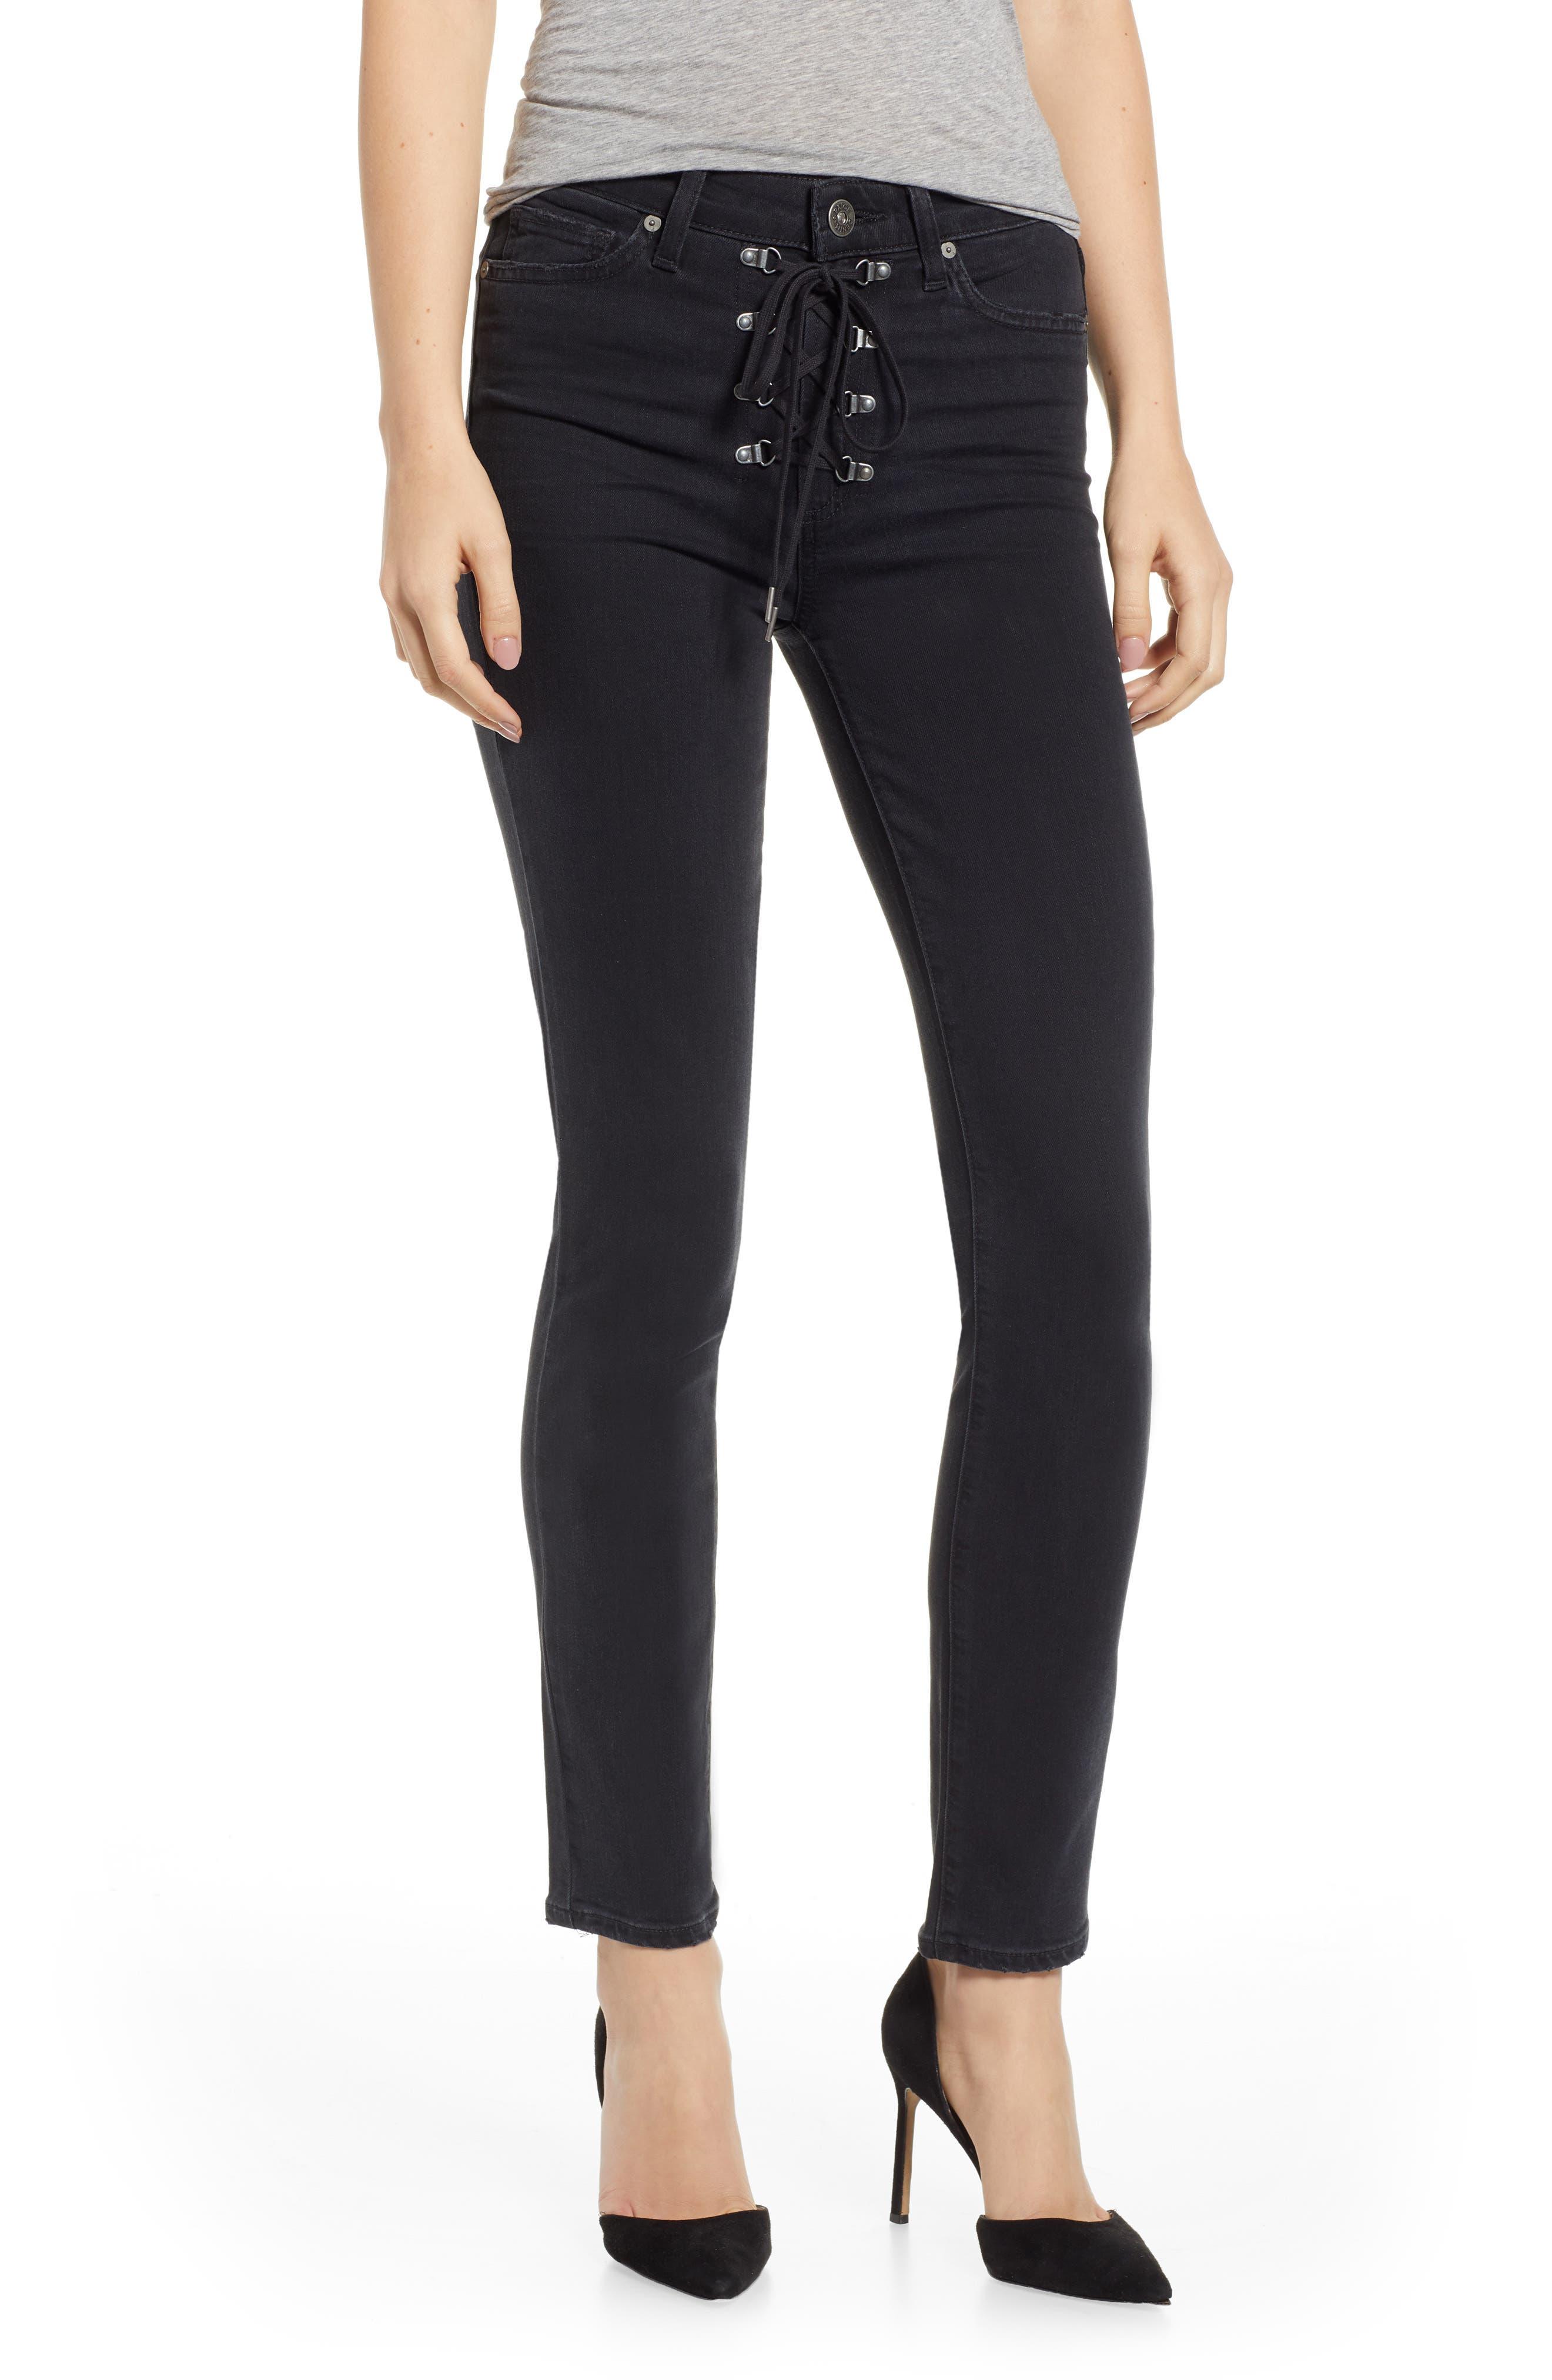 Transcend - Hoxton High Waist Ankle Peg Jeans,                         Main,                         color, FADED NOIR